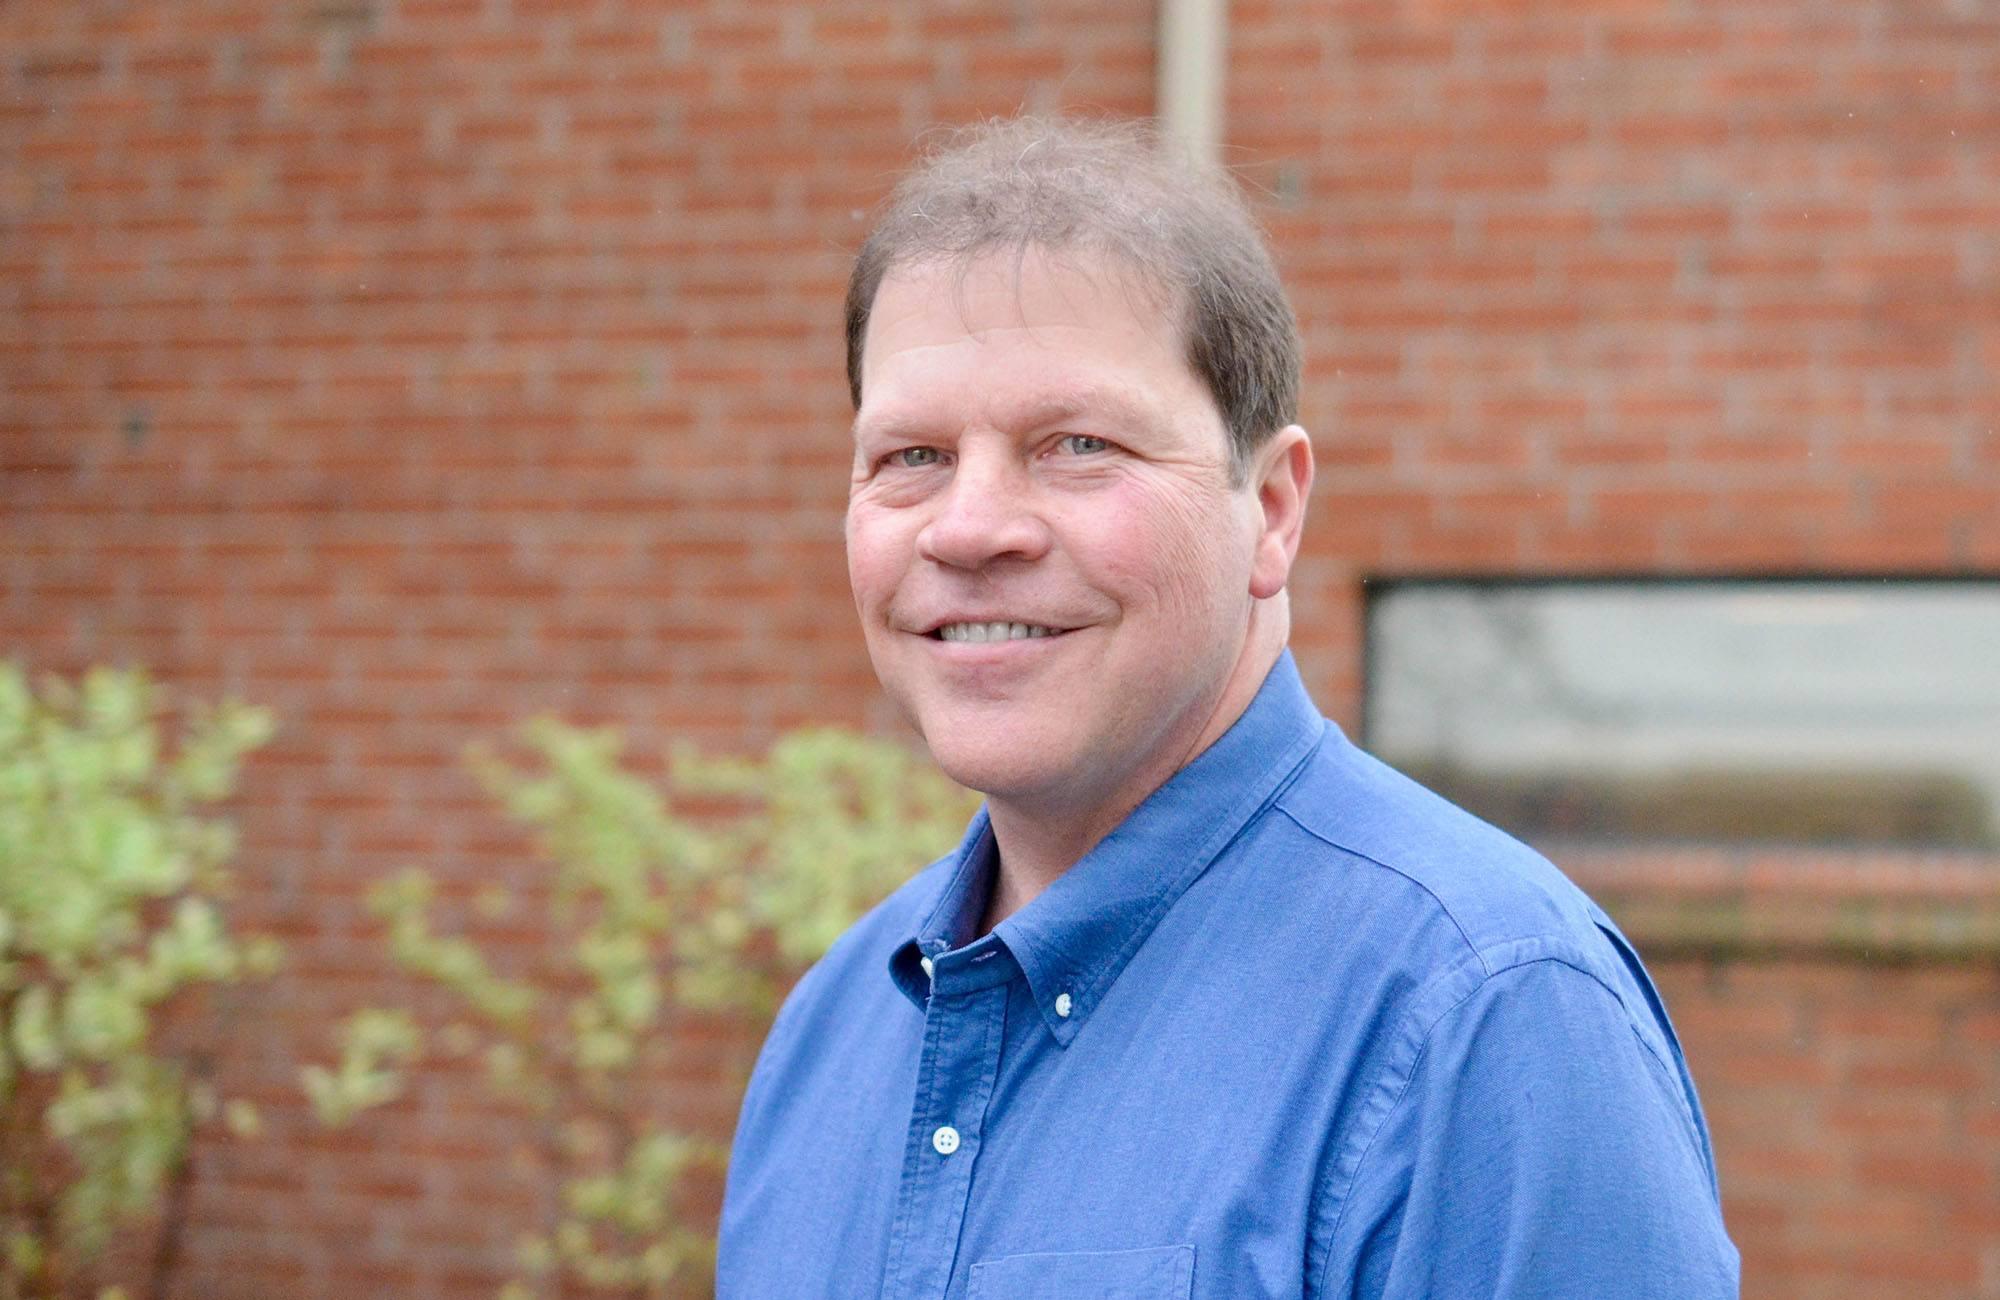 Kurt Krueger, Clinical Specialist